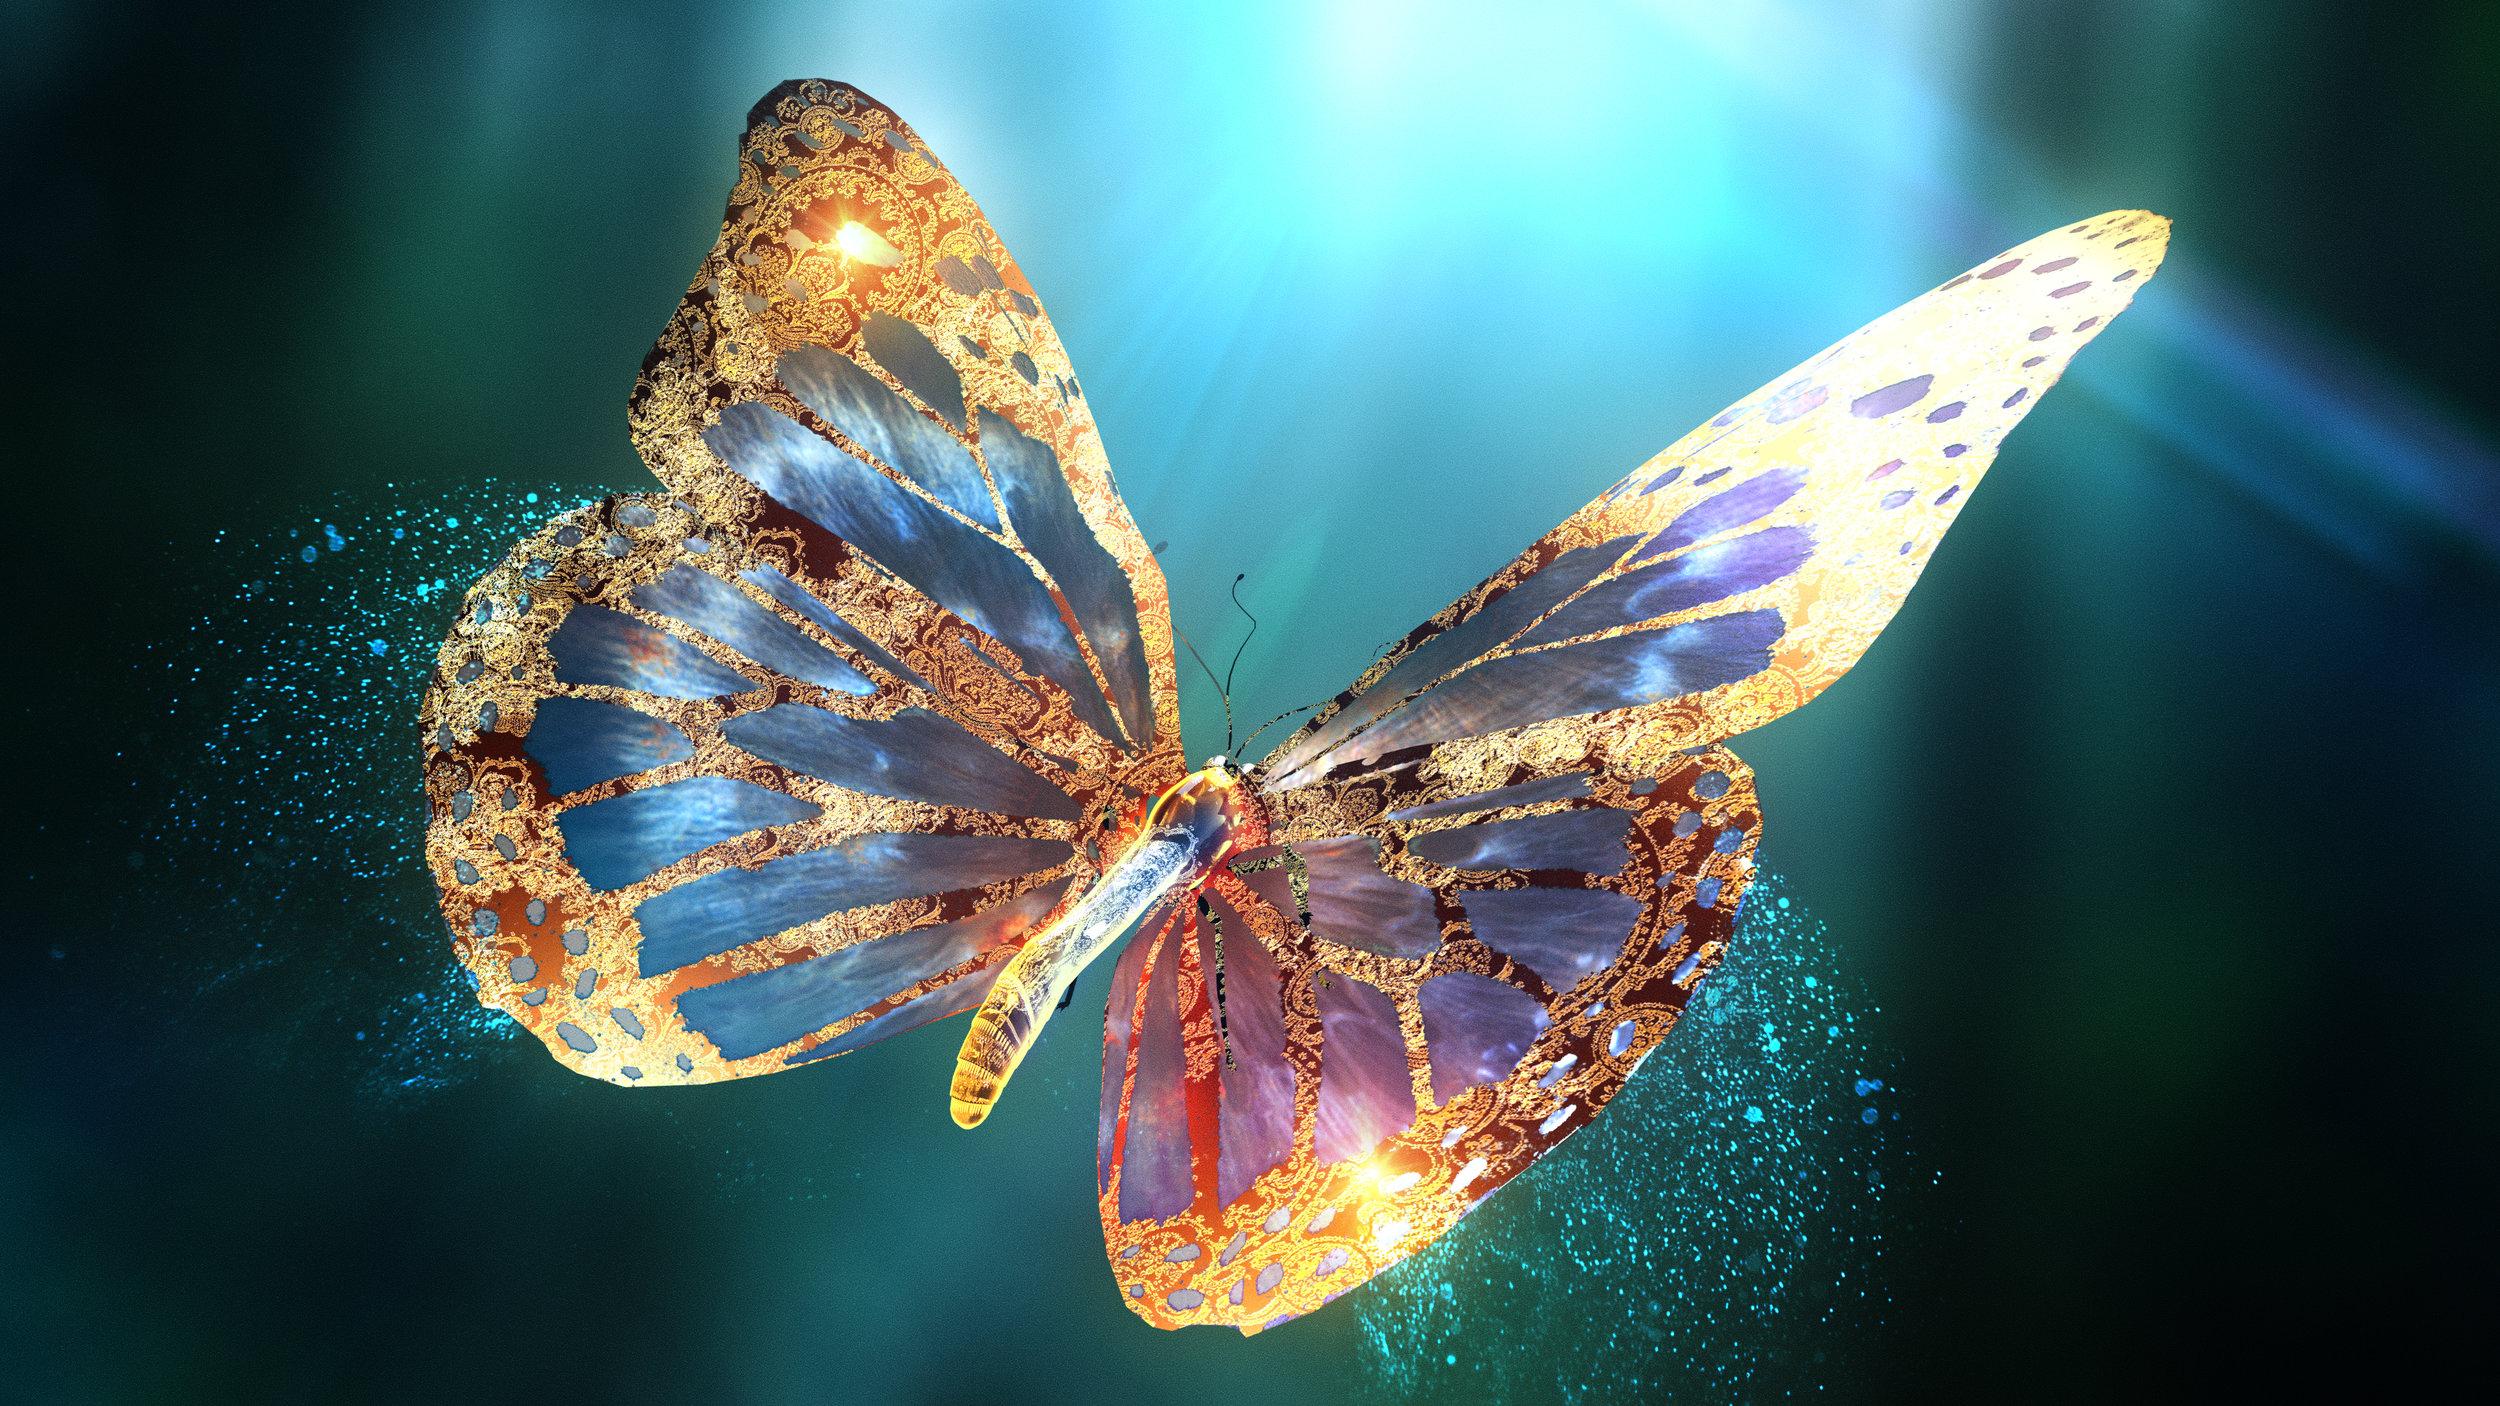 Butterfly_ConceptArt_01.jpg